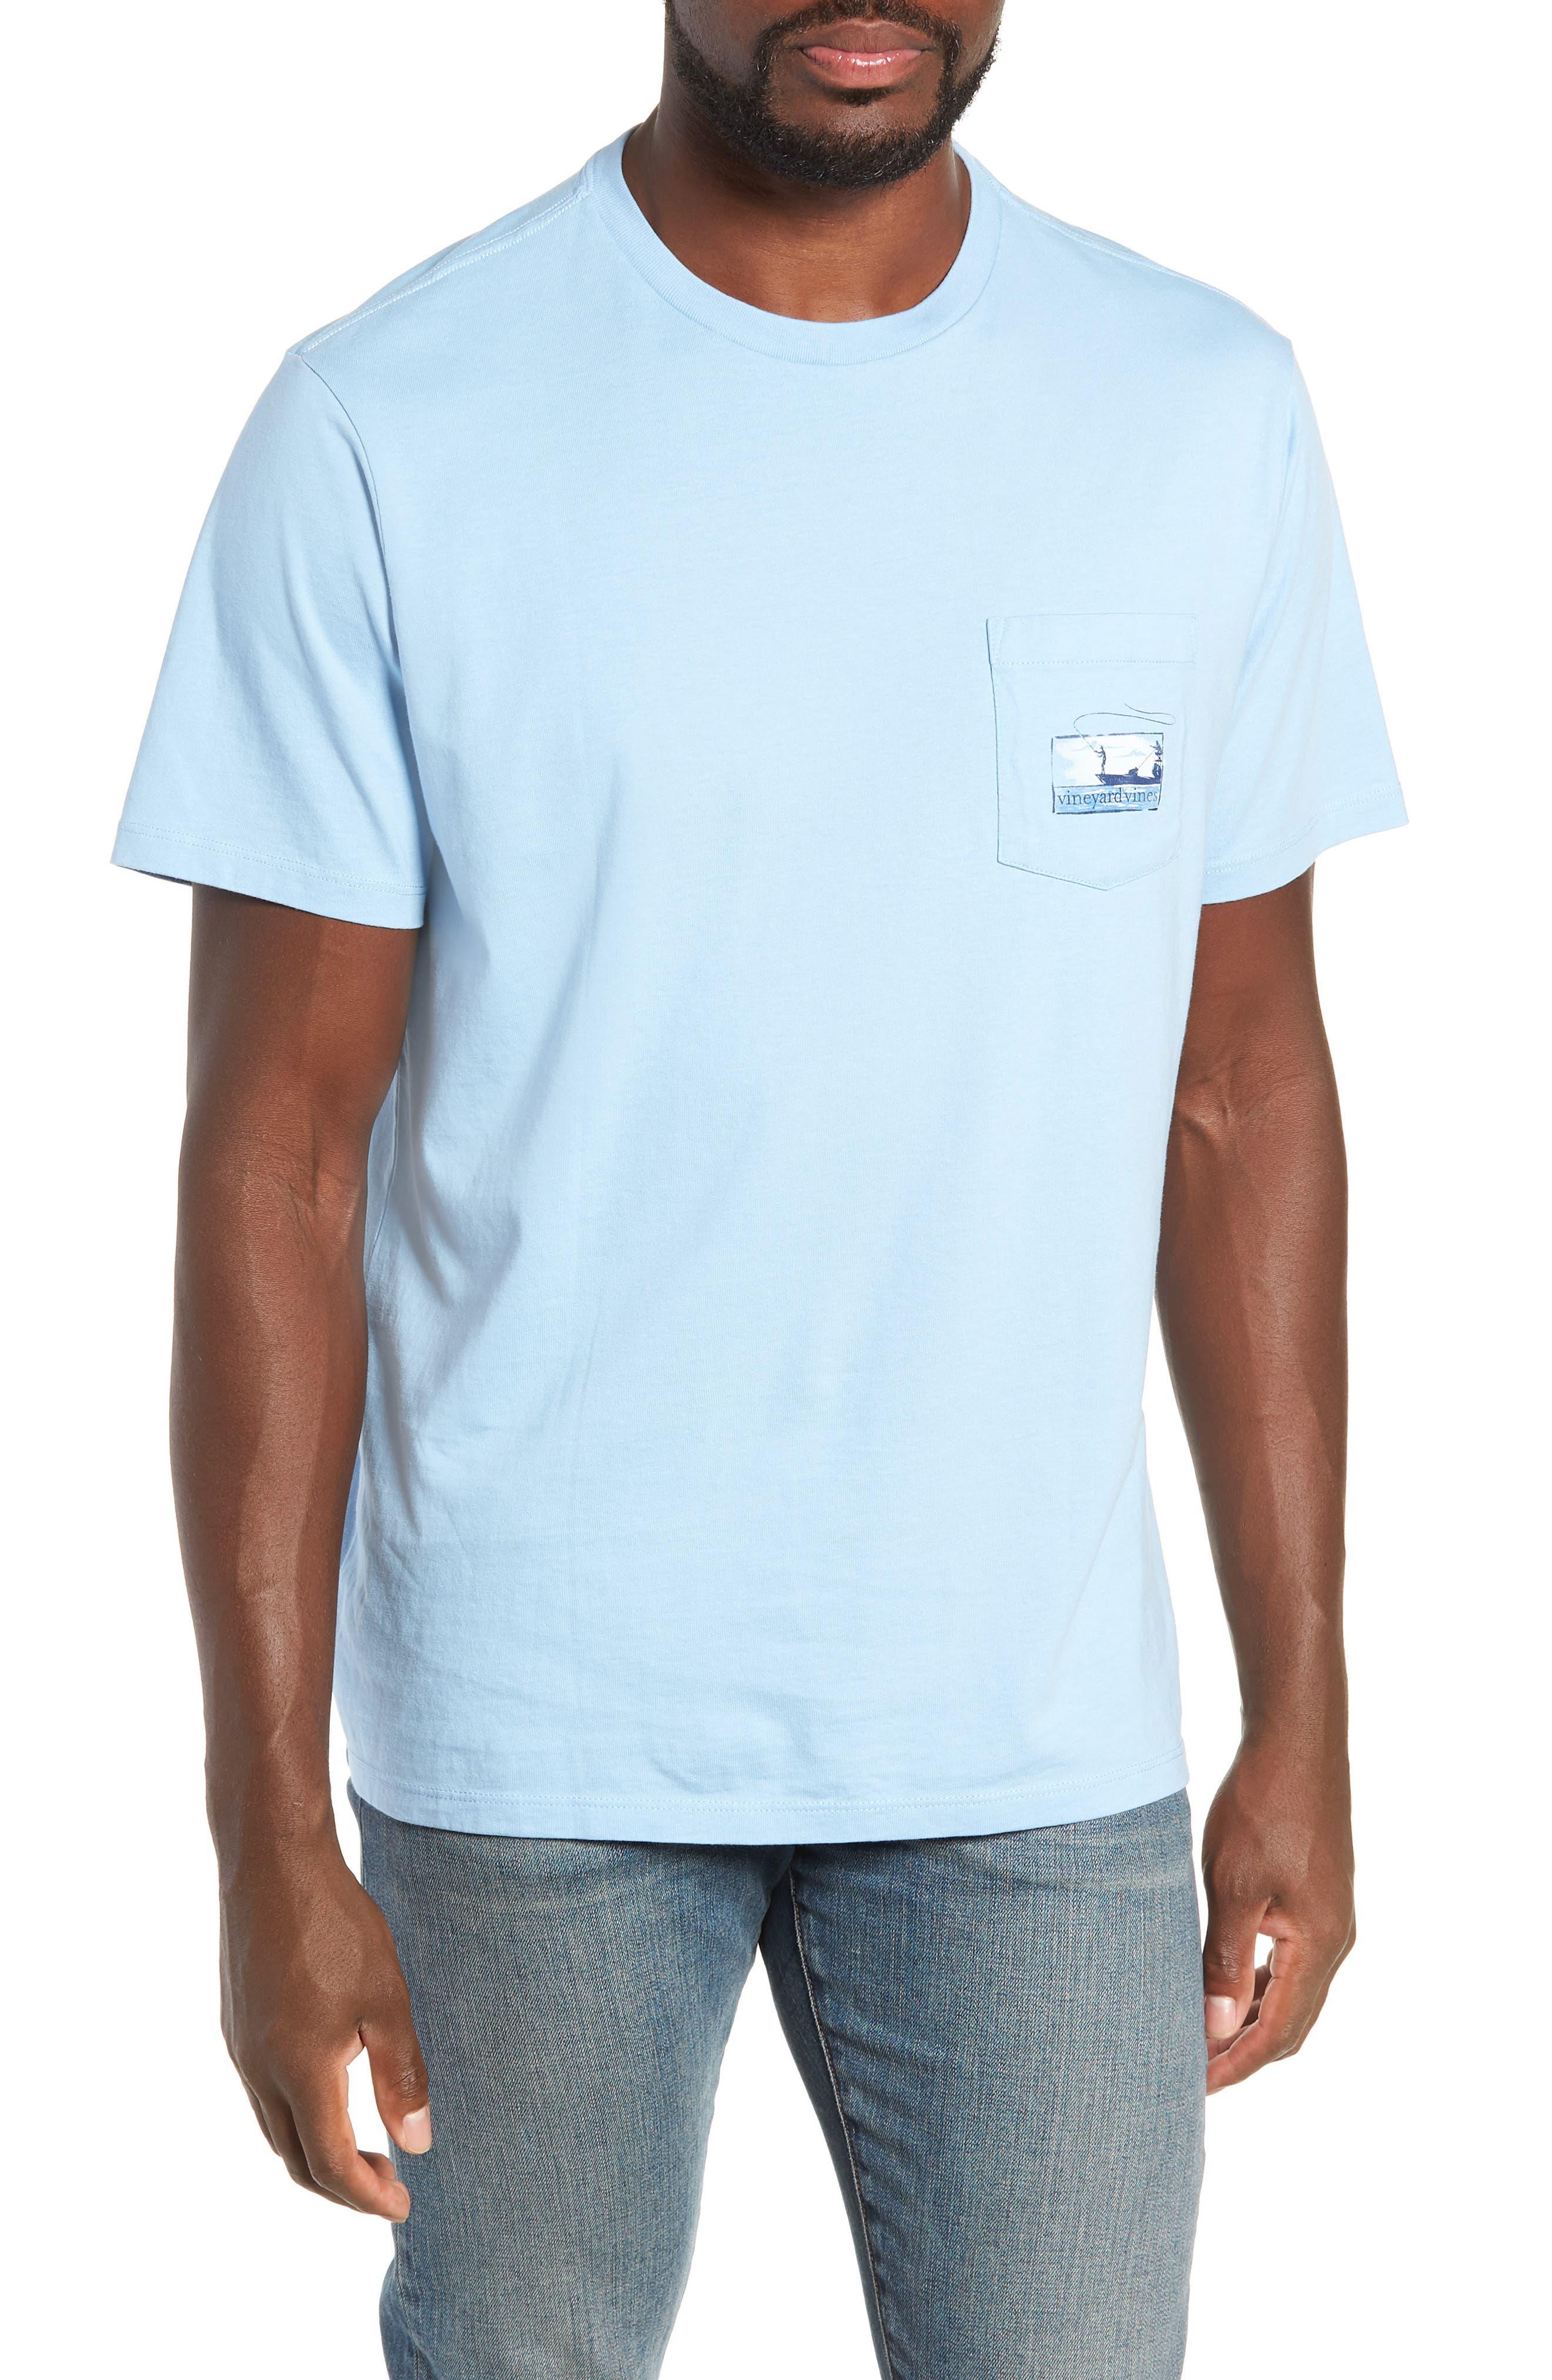 Flats Fishing Pocket T-Shirt,                             Main thumbnail 1, color,                             456